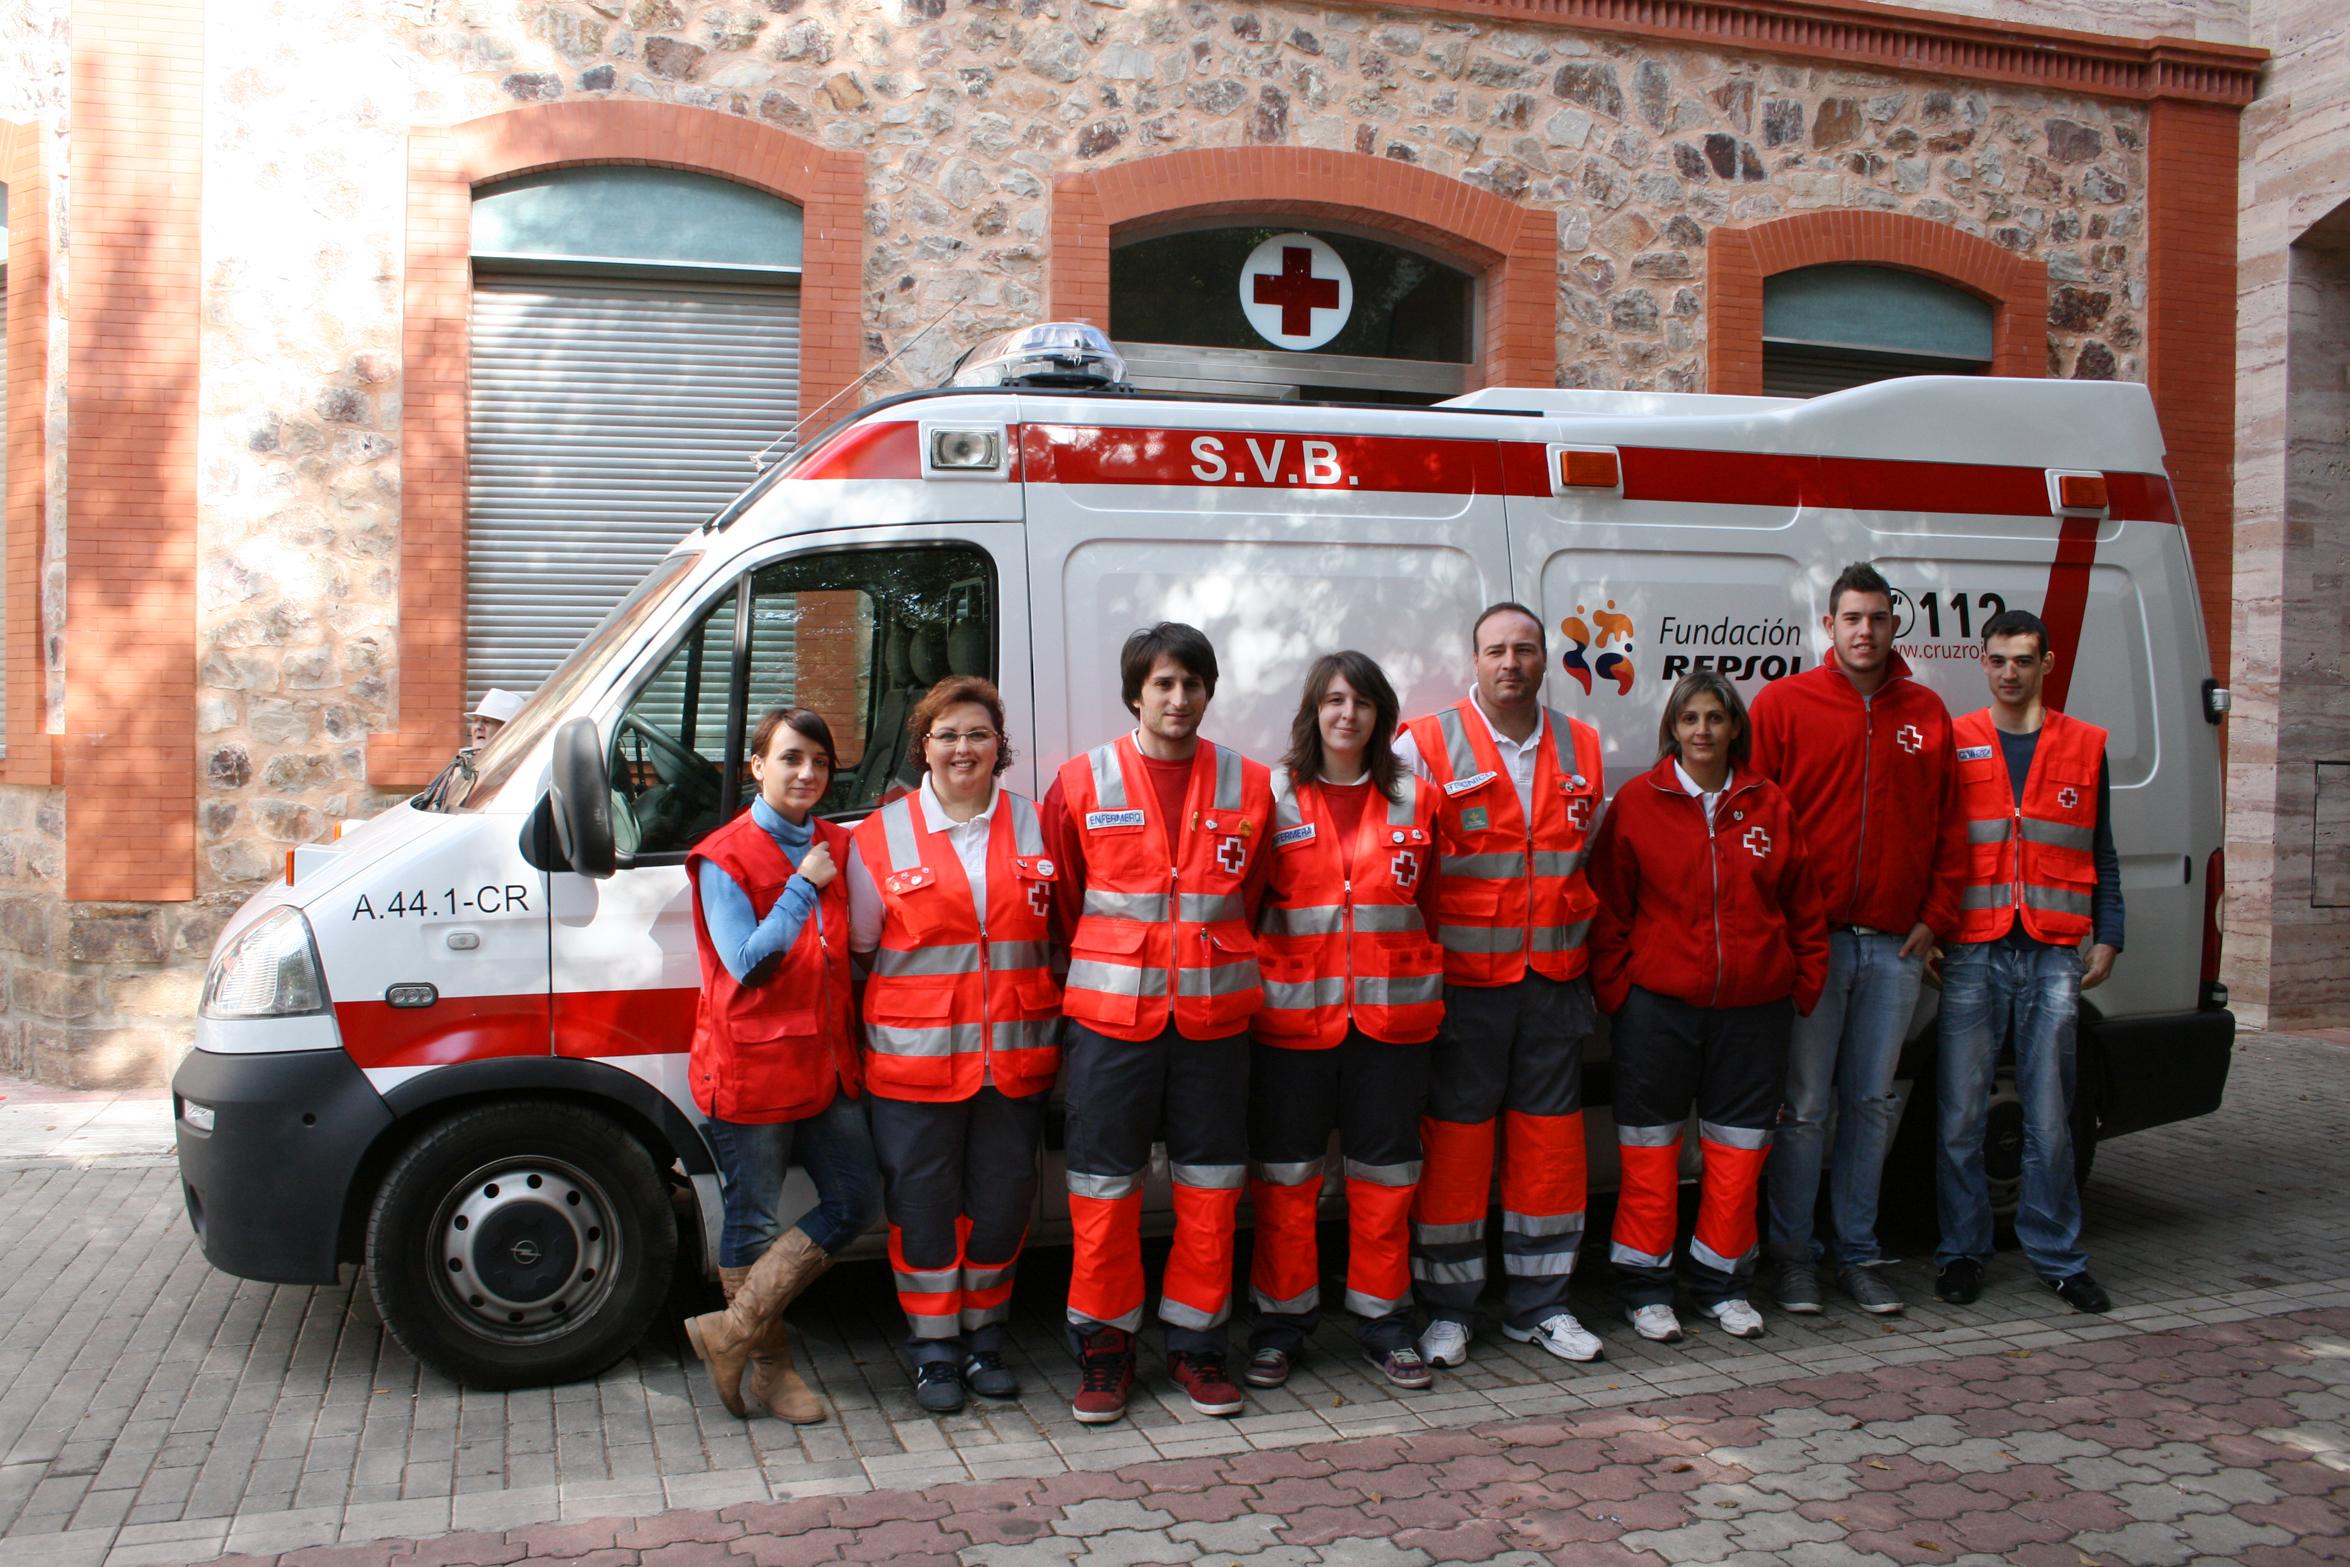 Los voluntarios de cruz roja puertollano ultiman los preparativos para repartir ilusi n y - Mcdonald s puerto de la cruz ...